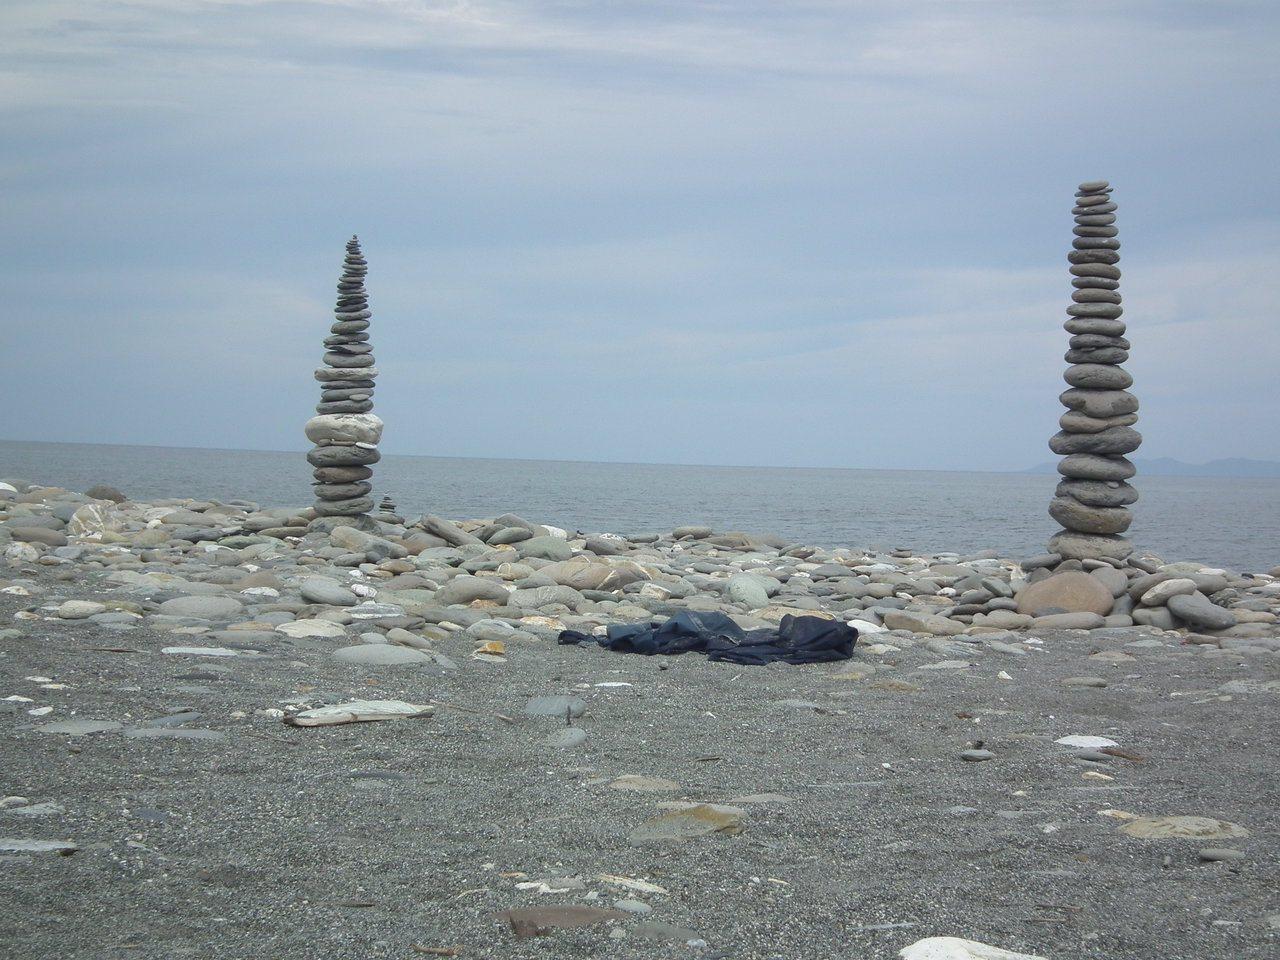 台東市「國際地標」海灘近日出現神祕石堆陣,石頭堆疊規模大小不一,聳立在海灘上,吸...